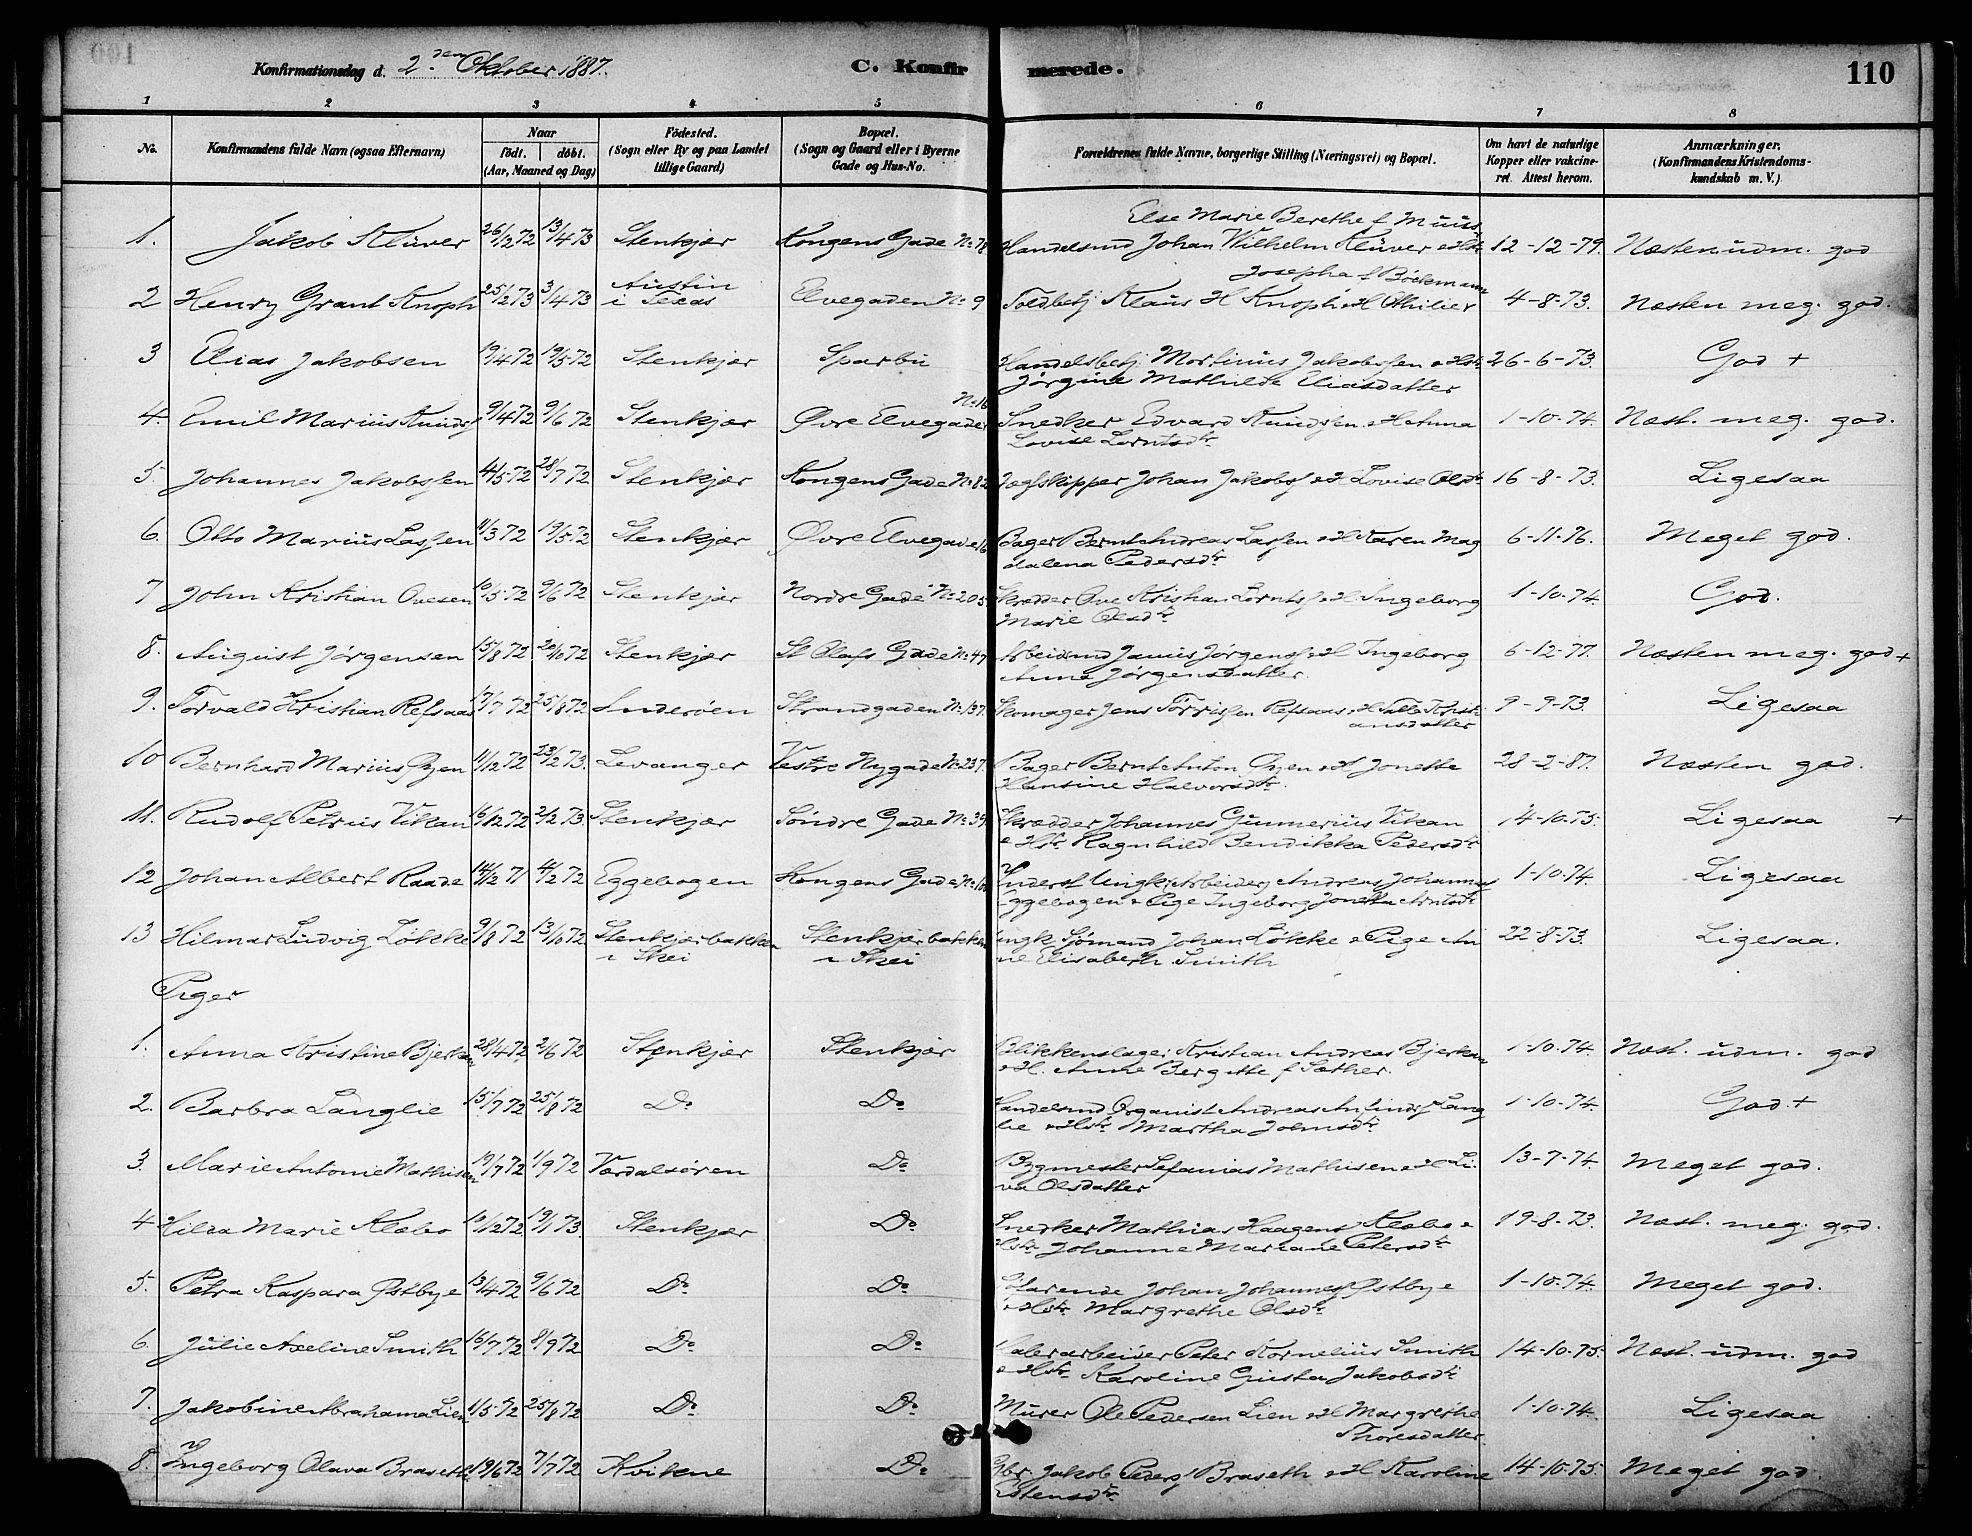 SAT, Ministerialprotokoller, klokkerbøker og fødselsregistre - Nord-Trøndelag, 739/L0371: Ministerialbok nr. 739A03, 1881-1895, s. 110